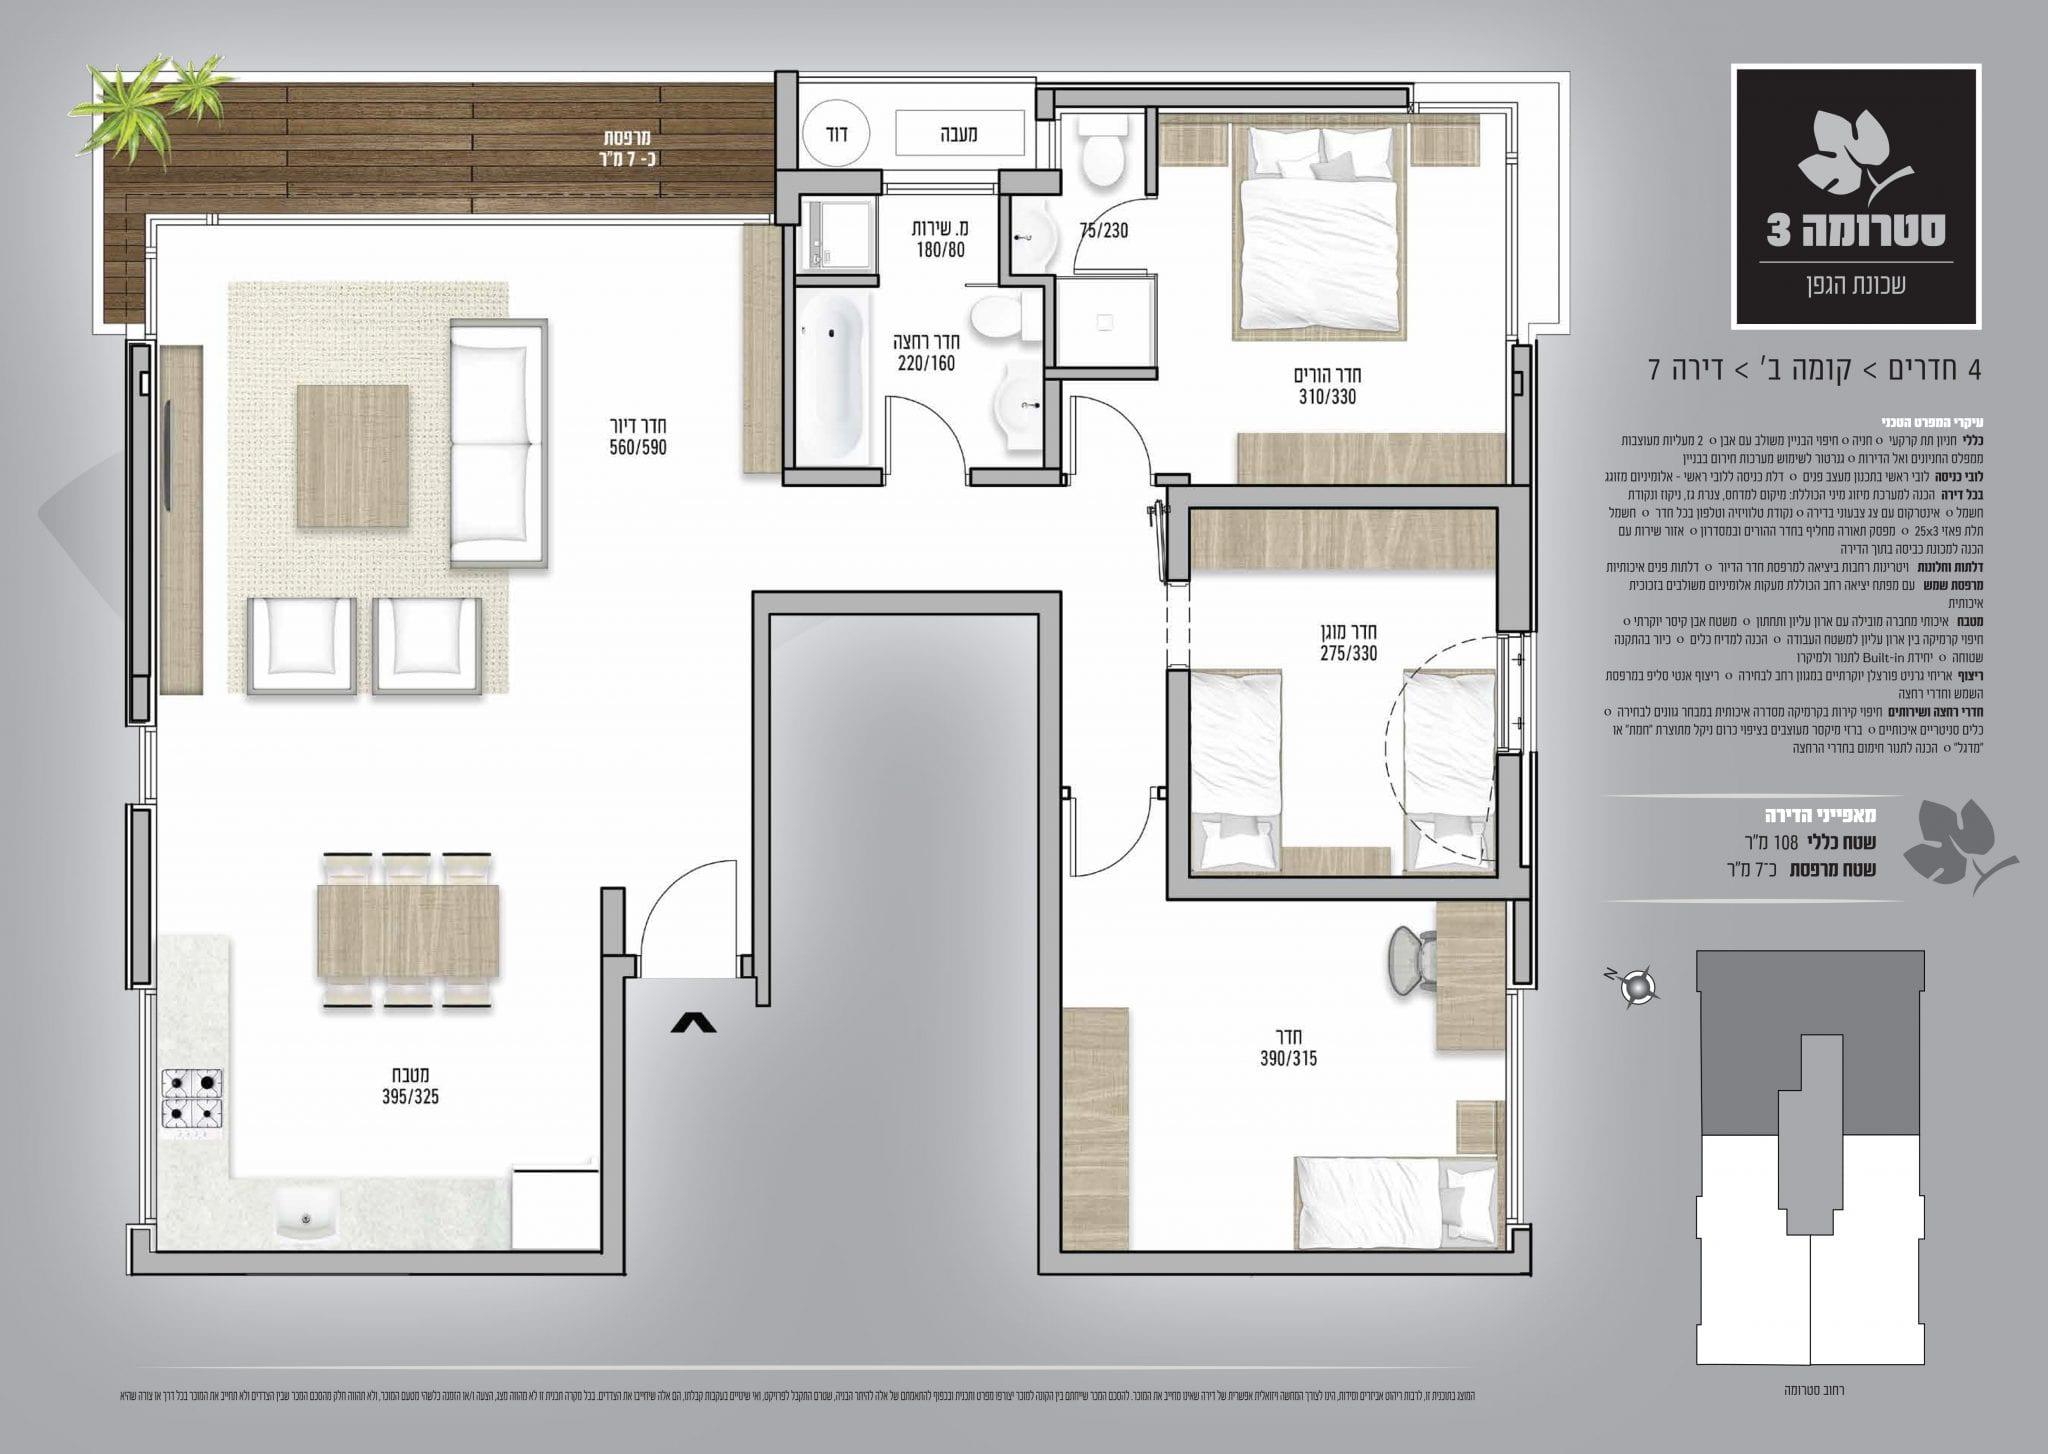 דירת 4 חדרים - מספר 7